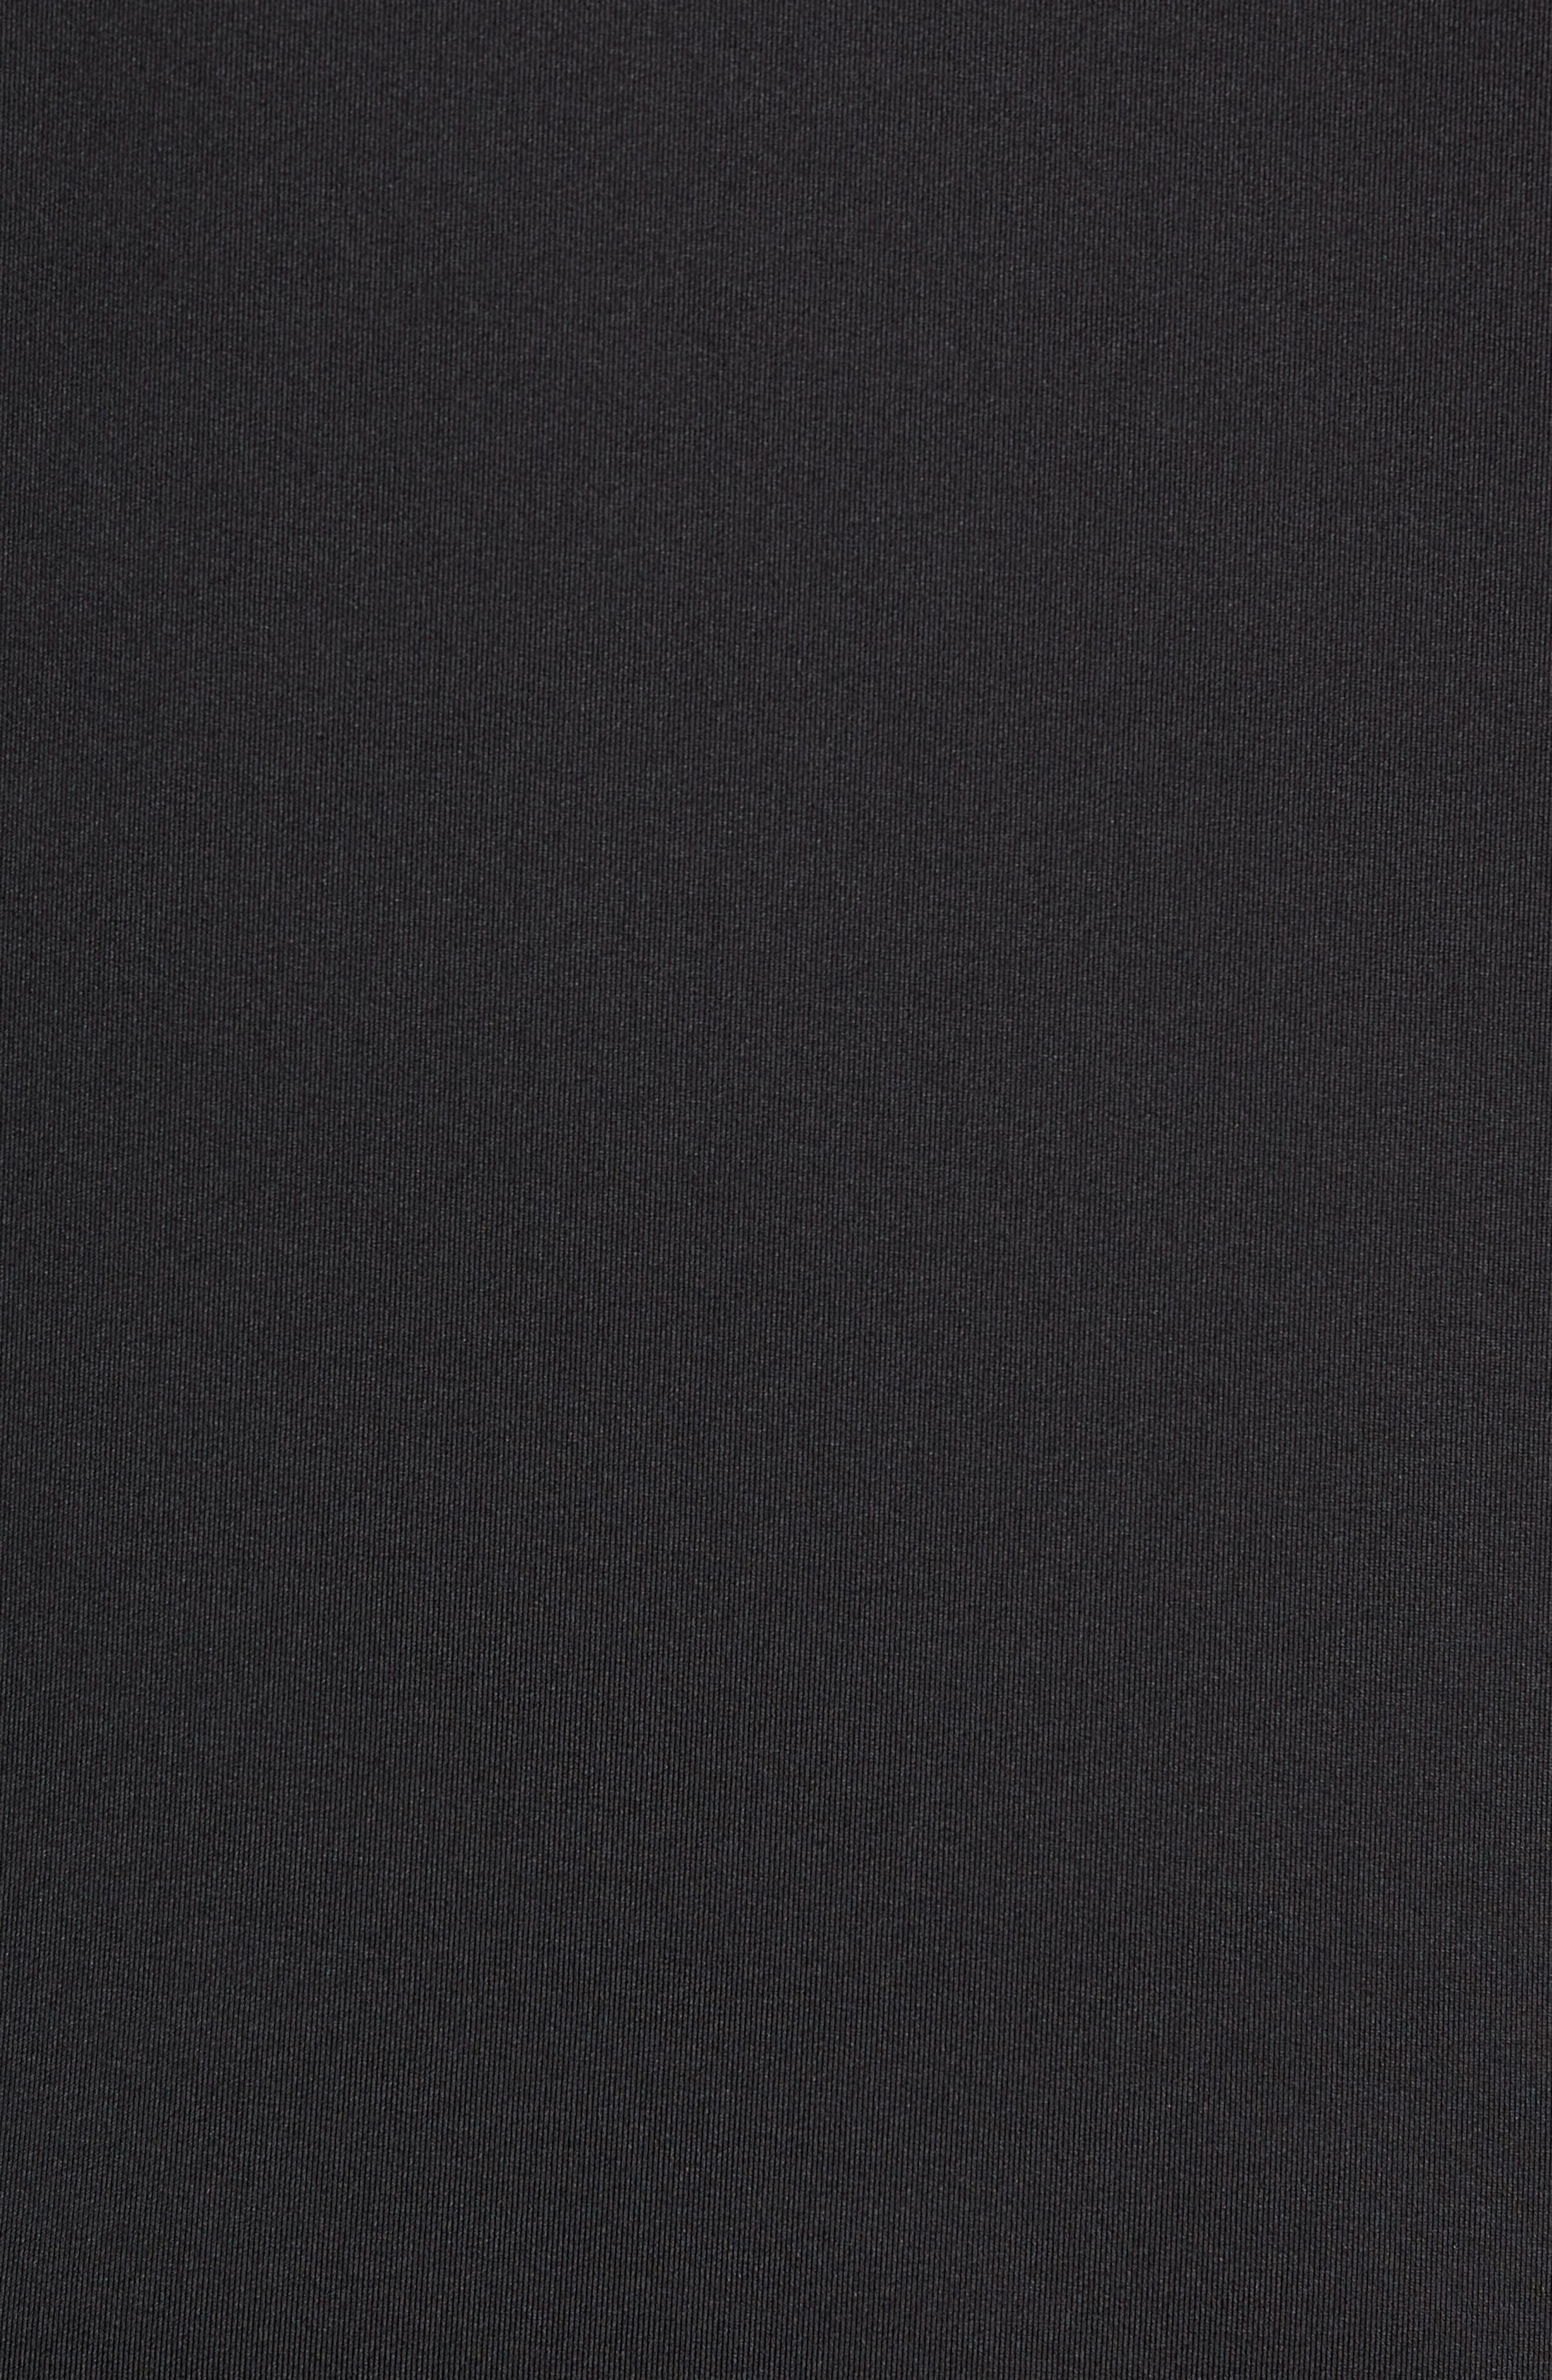 NIKE,                             Niko Pro Therma Long Sleeve Mock Neck T-Shirt,                             Alternate thumbnail 5, color,                             010